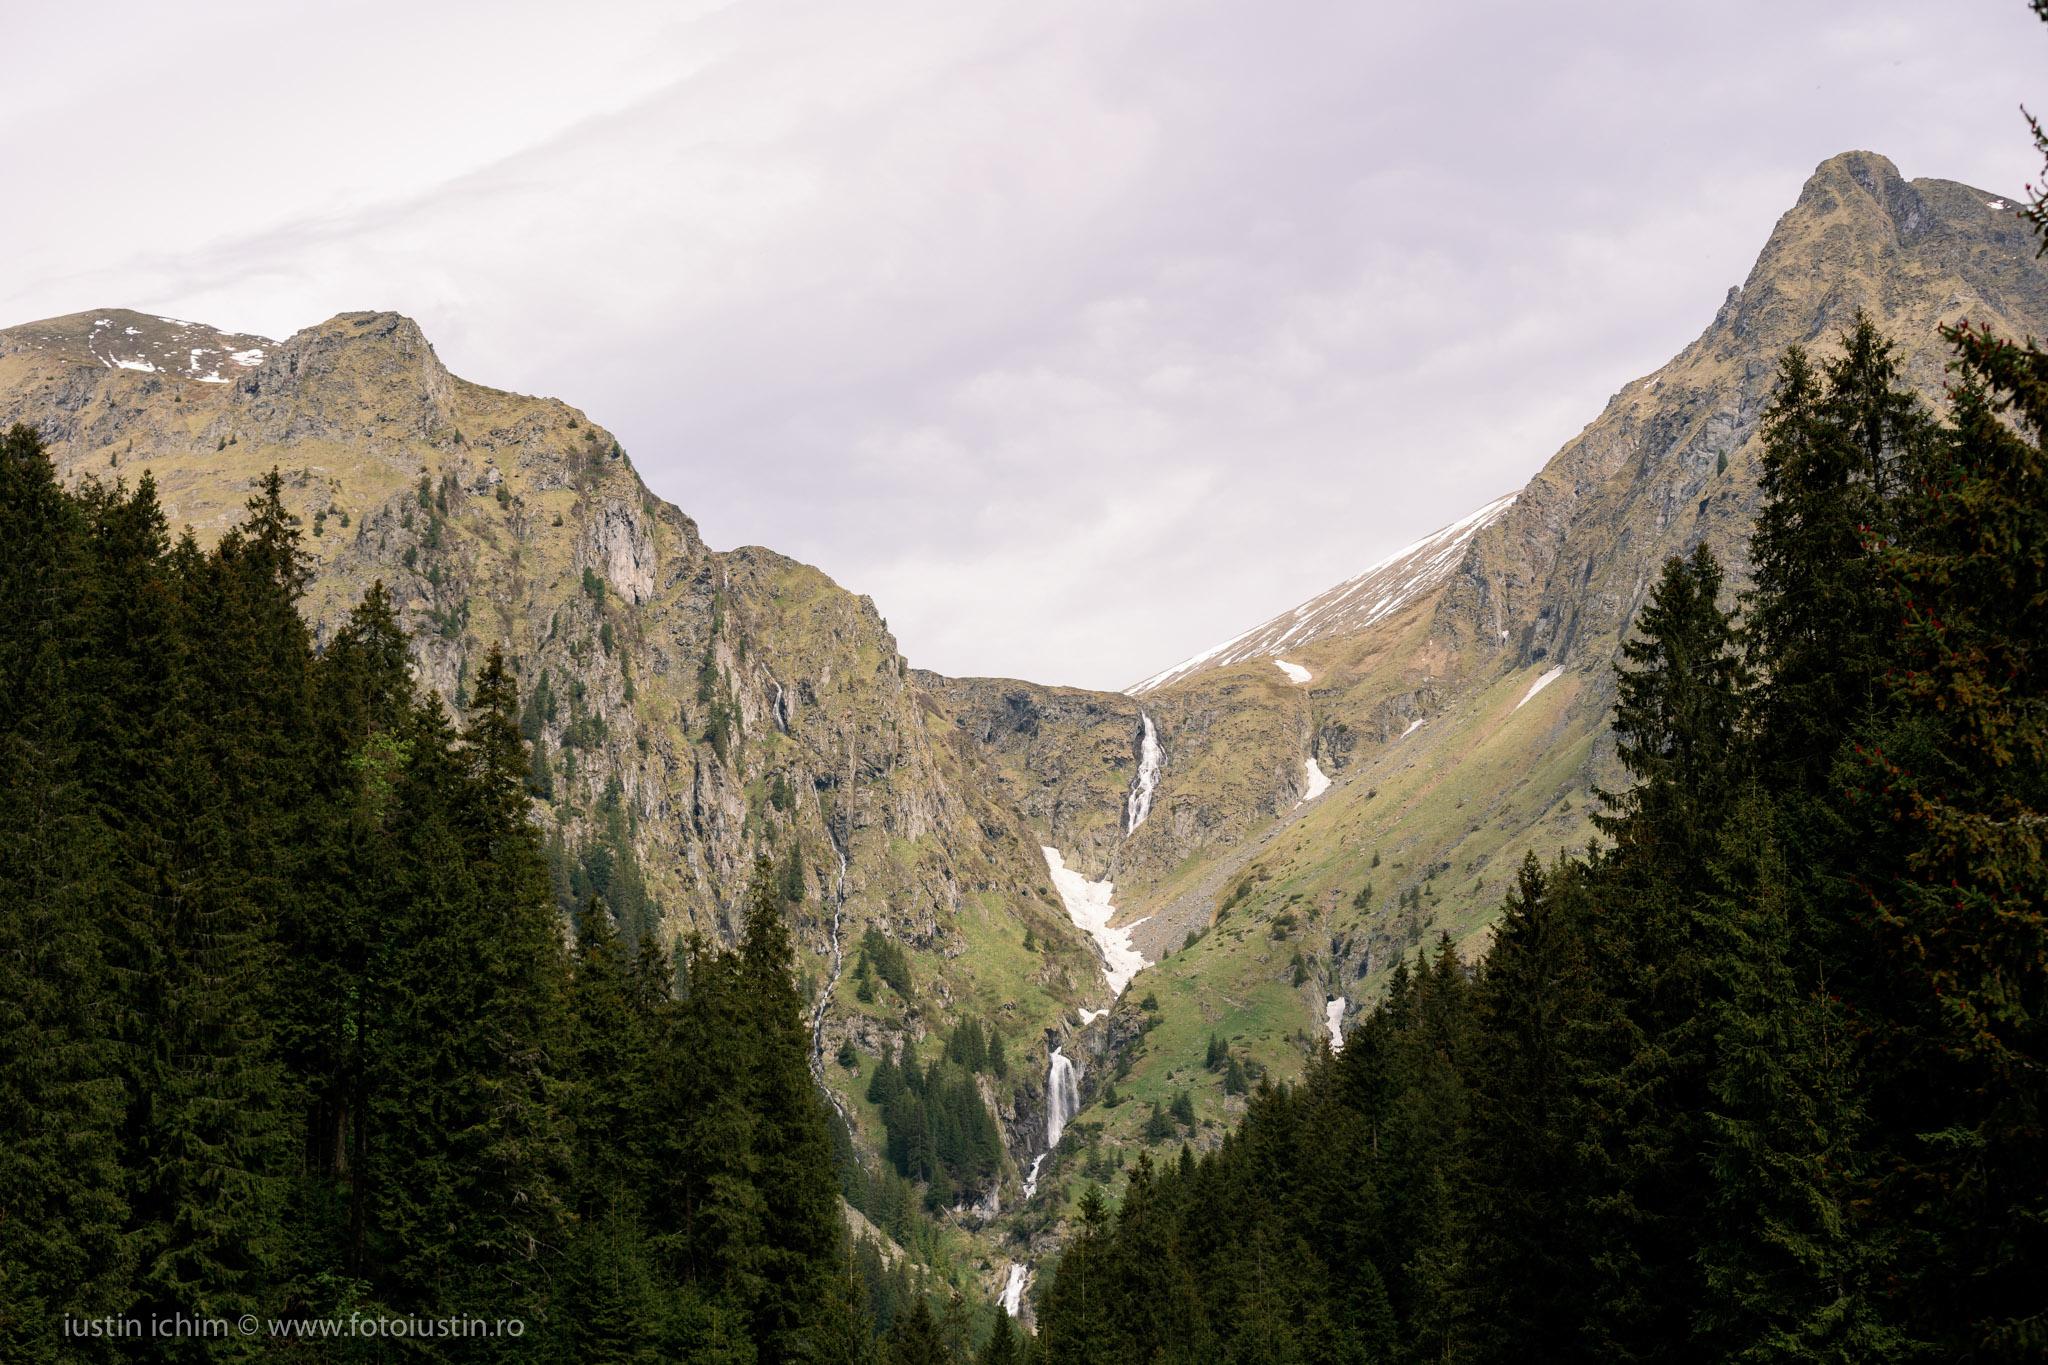 Cascada Vaii Rele, Făgăraș, Buduru Mic (stanga) si Buduru Mare